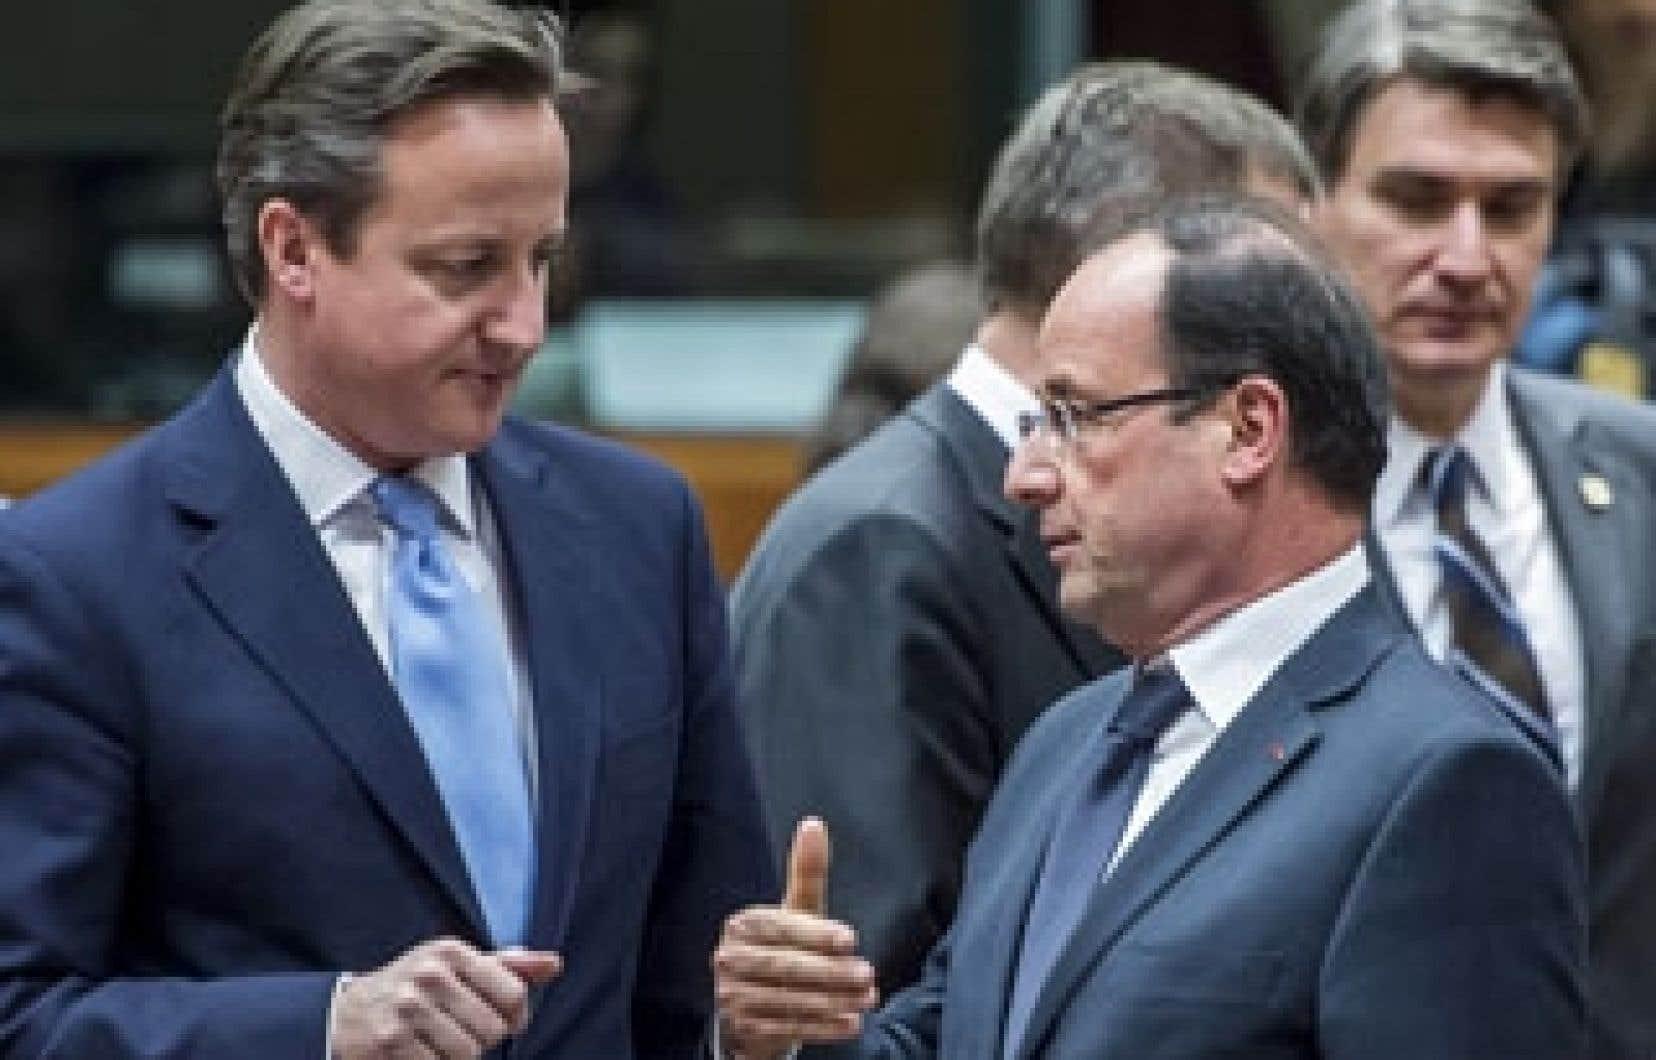 <div> BdeV: Le premier ministre britannique David Cameron en discussion avec son homologue français, François Hollande. La zone euro va débloquer pour la Grèce 49,1 milliards d'euros d'ici fin mars via son fonds de secours, dont 34,3 milliards versés dès la semaine prochaine.</div>